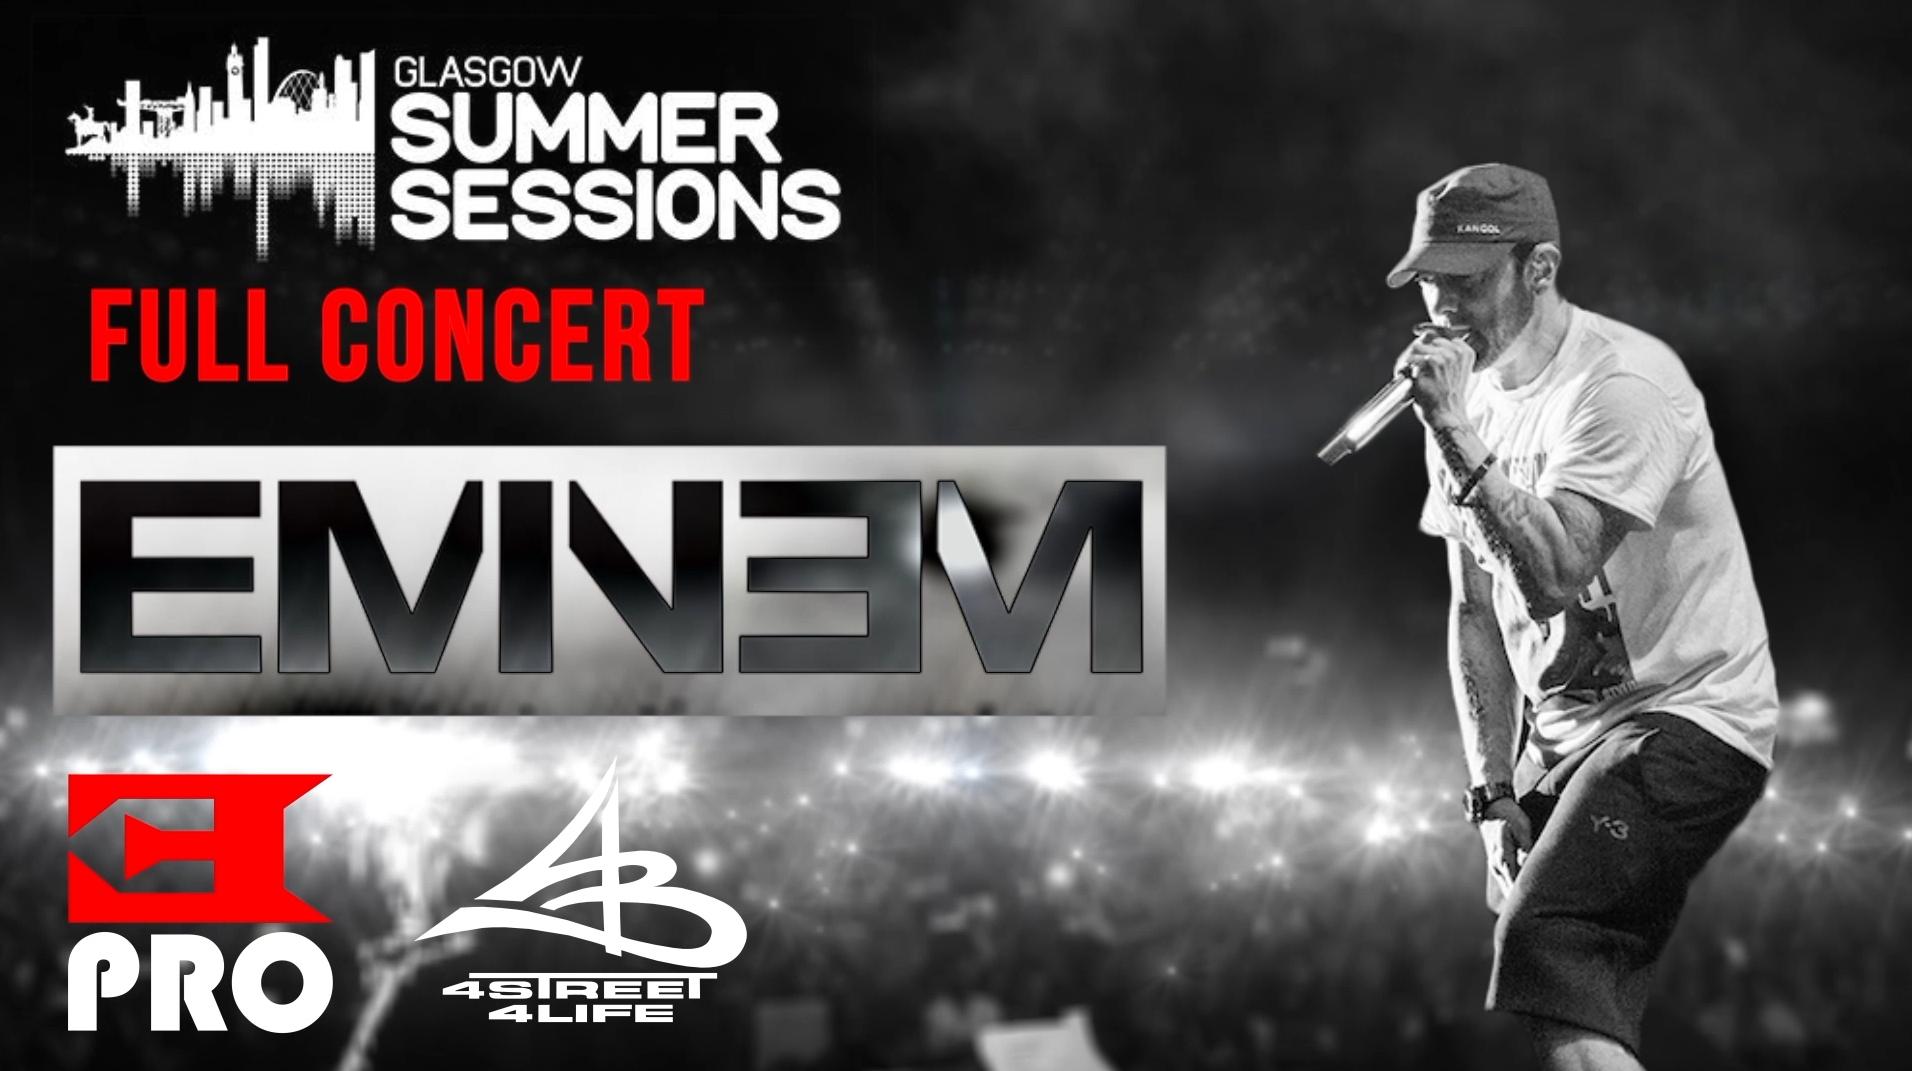 Премьерный показ мультикамерной записи с концерта Эминема в Глазго от Eminem.Pro и 4street4life